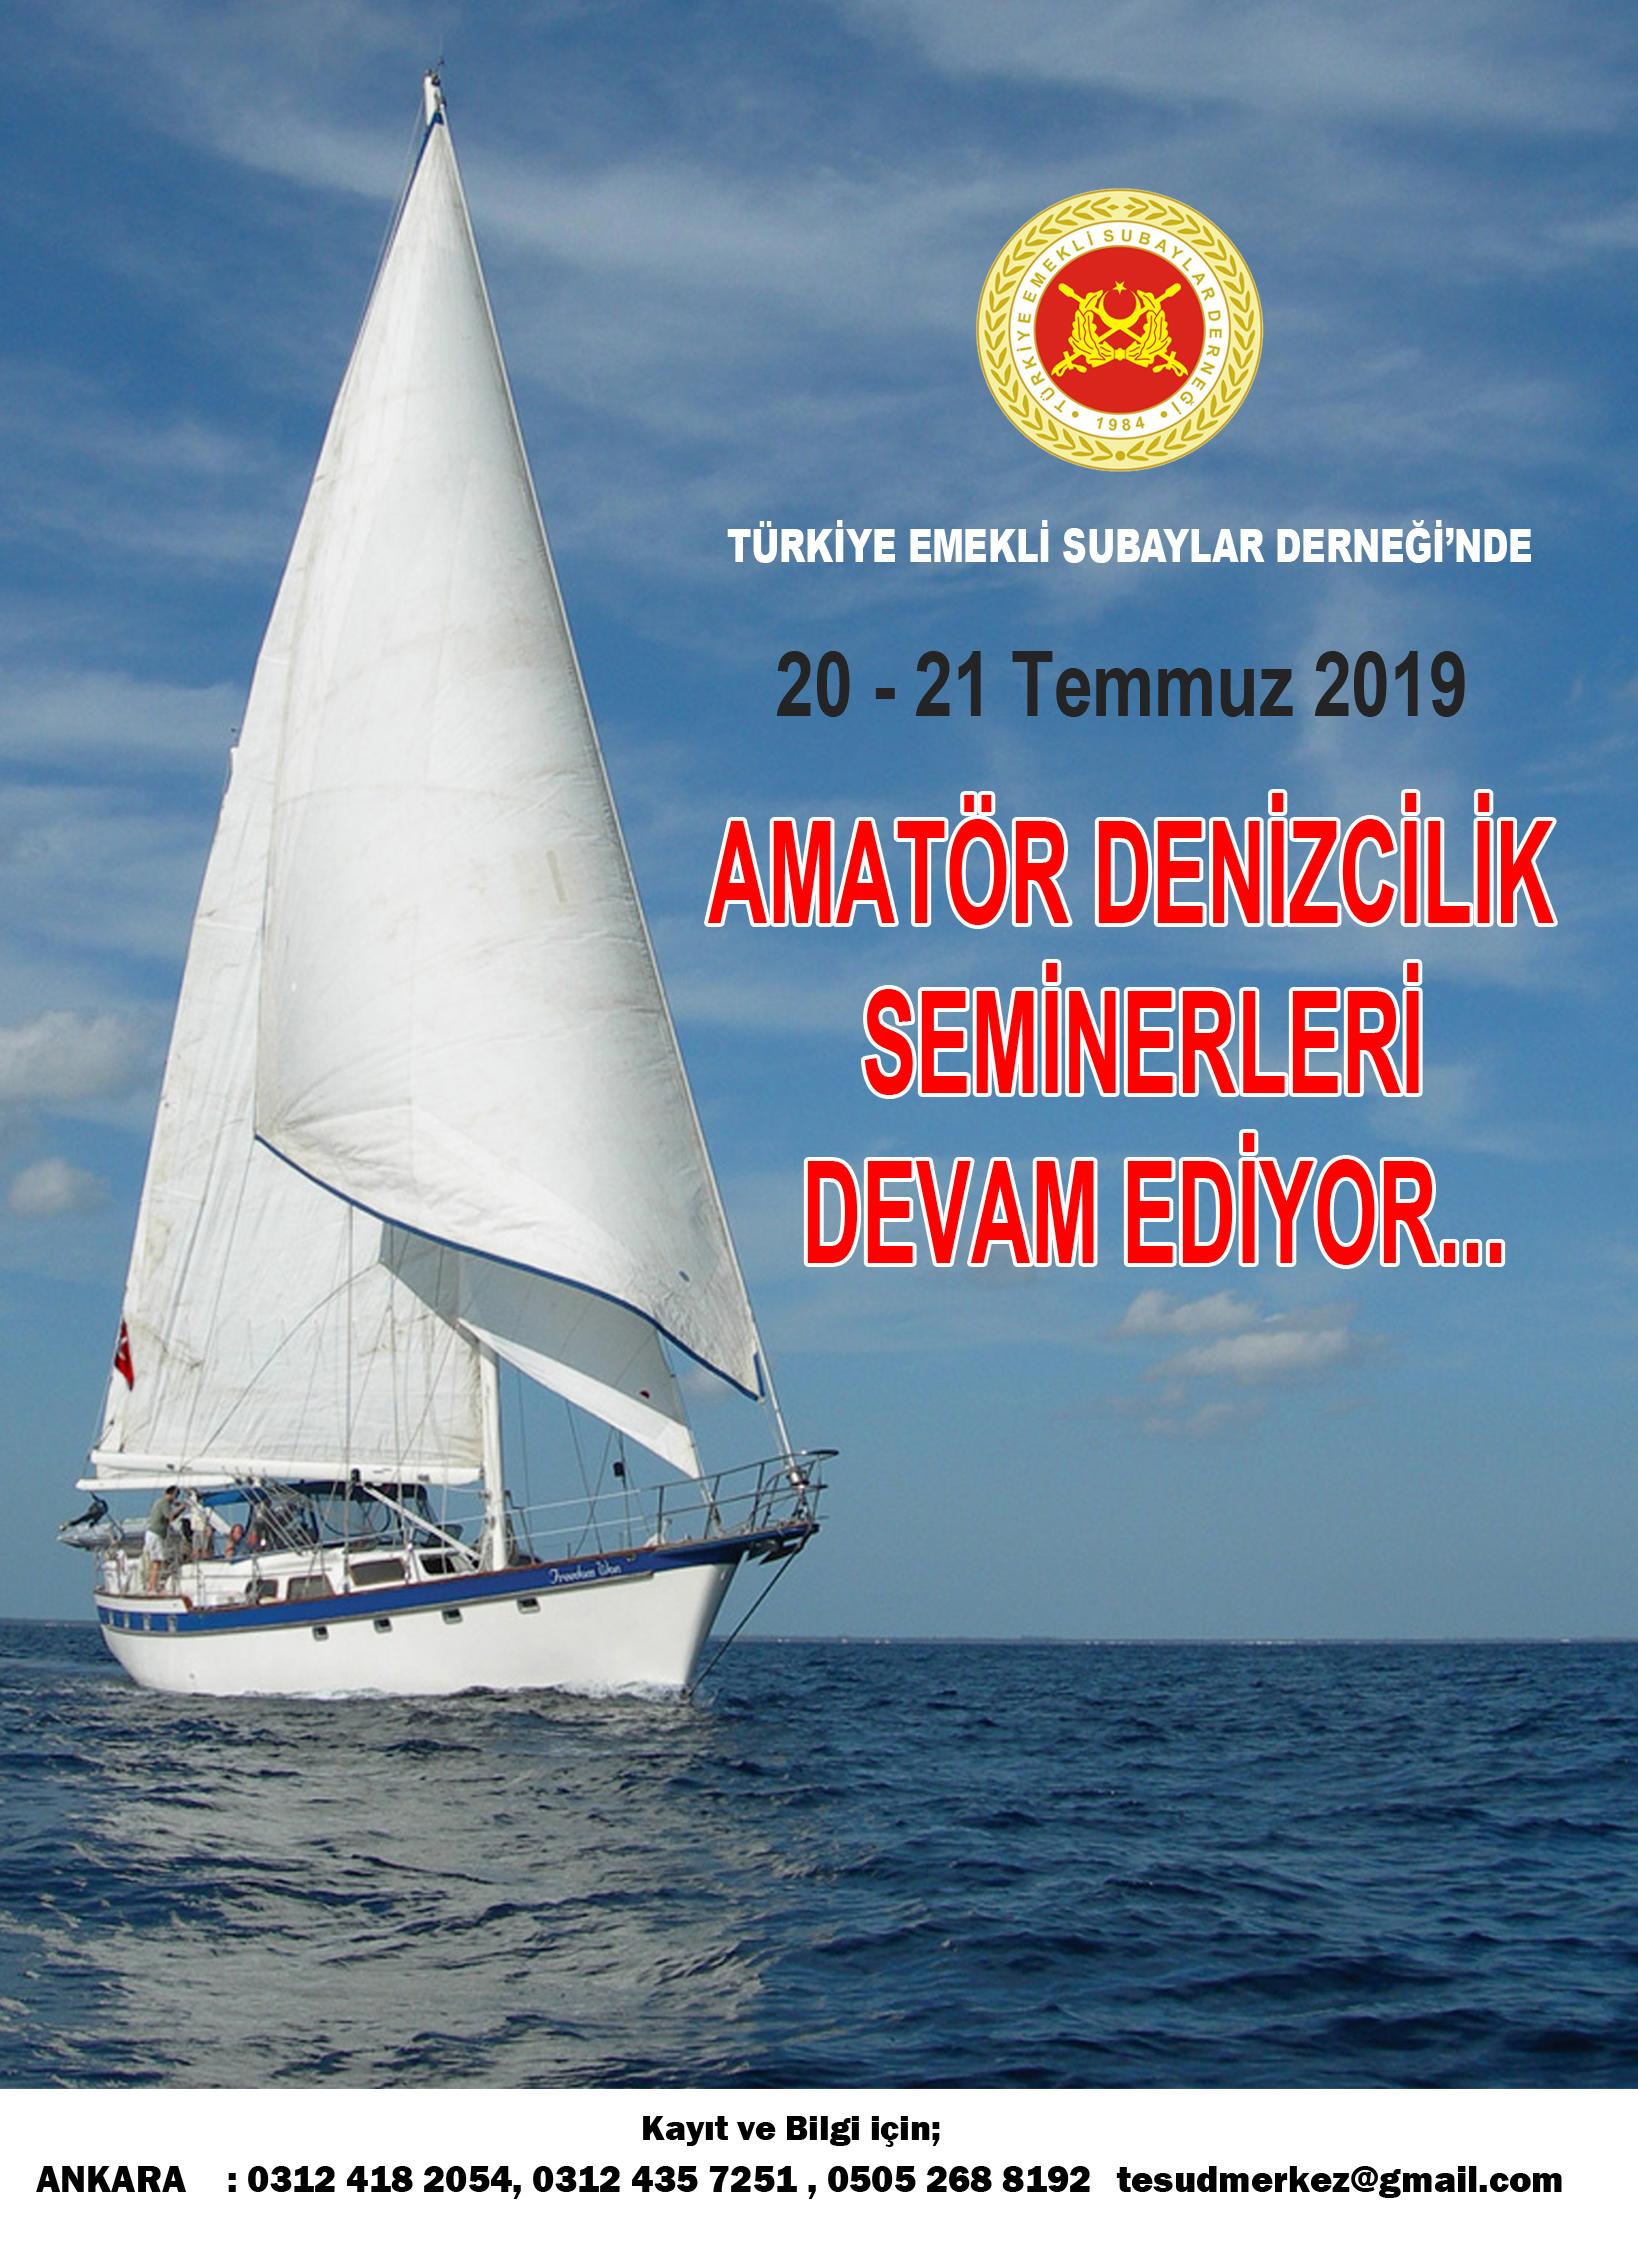 Amatör Denizci Belgesi ve Kısa Mesafe Telsiz Operatörü Yeterlik Belgesi Seminerleri  20-21 Temmuz 2019